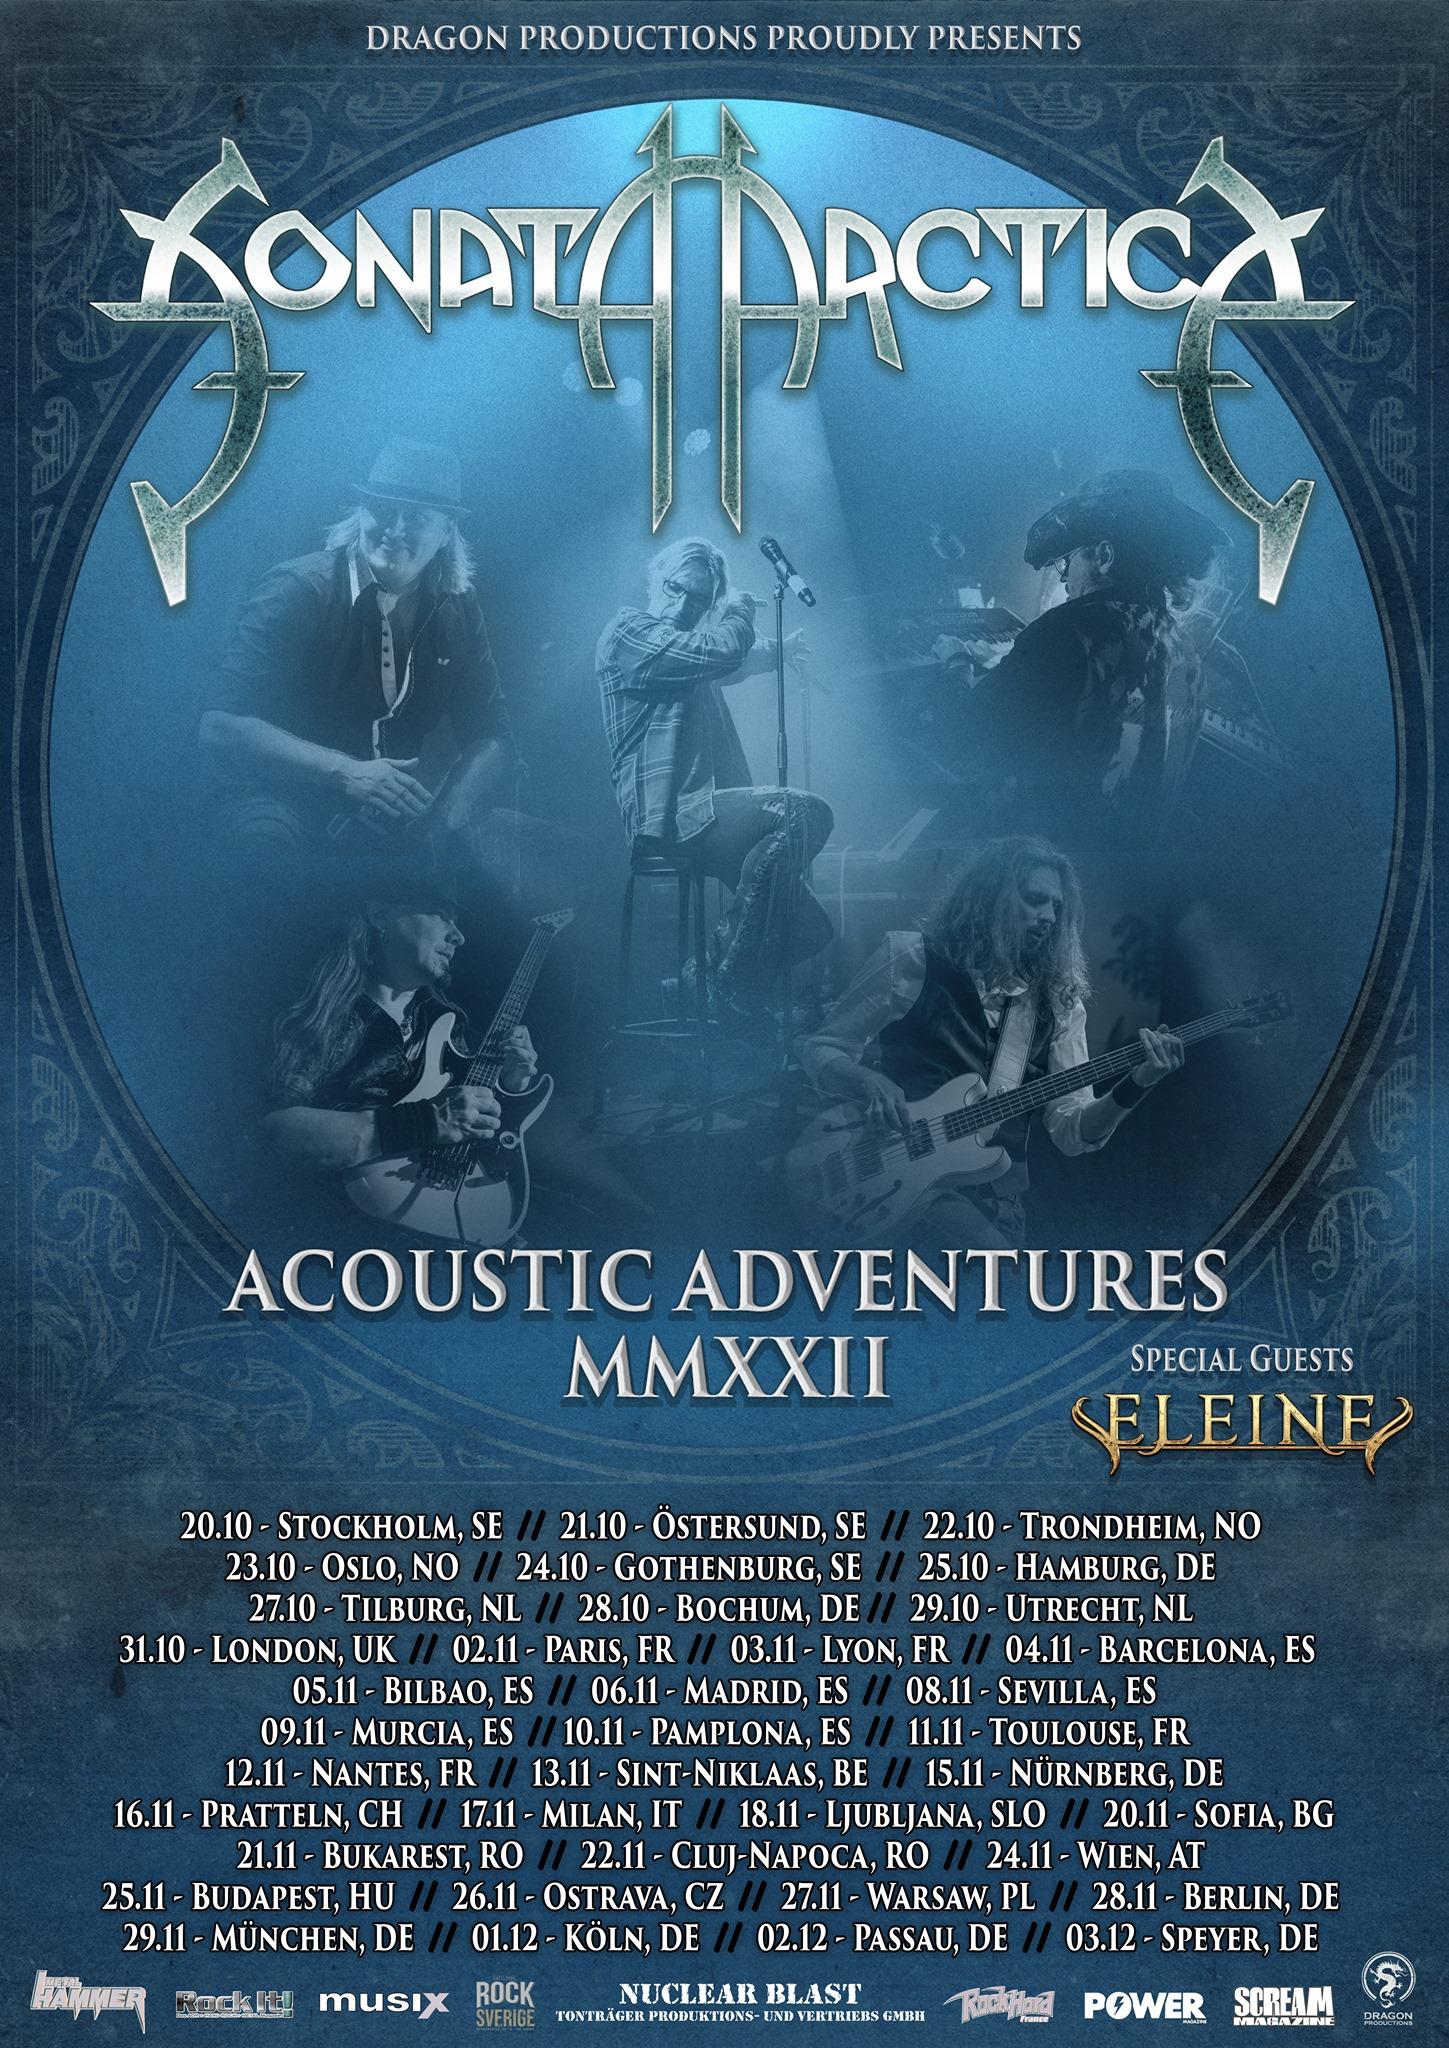 sonata arctica acoustic adventures